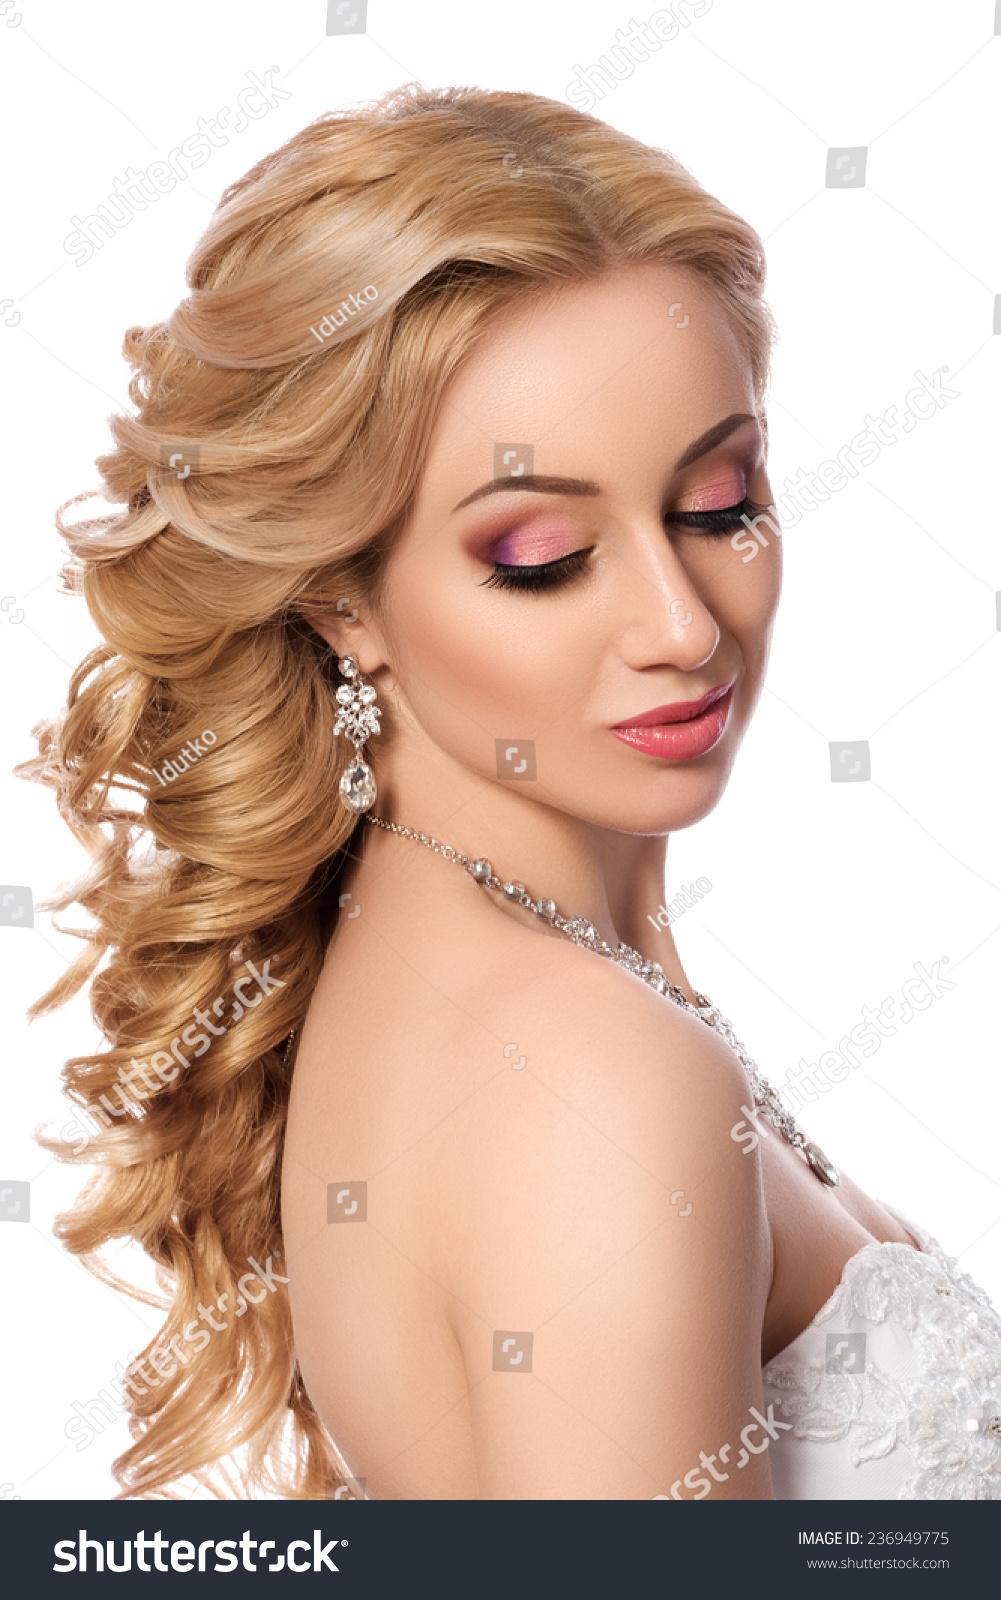 年轻美丽新娘的肖像.婚礼发型和化妆.-人物,美容/时装